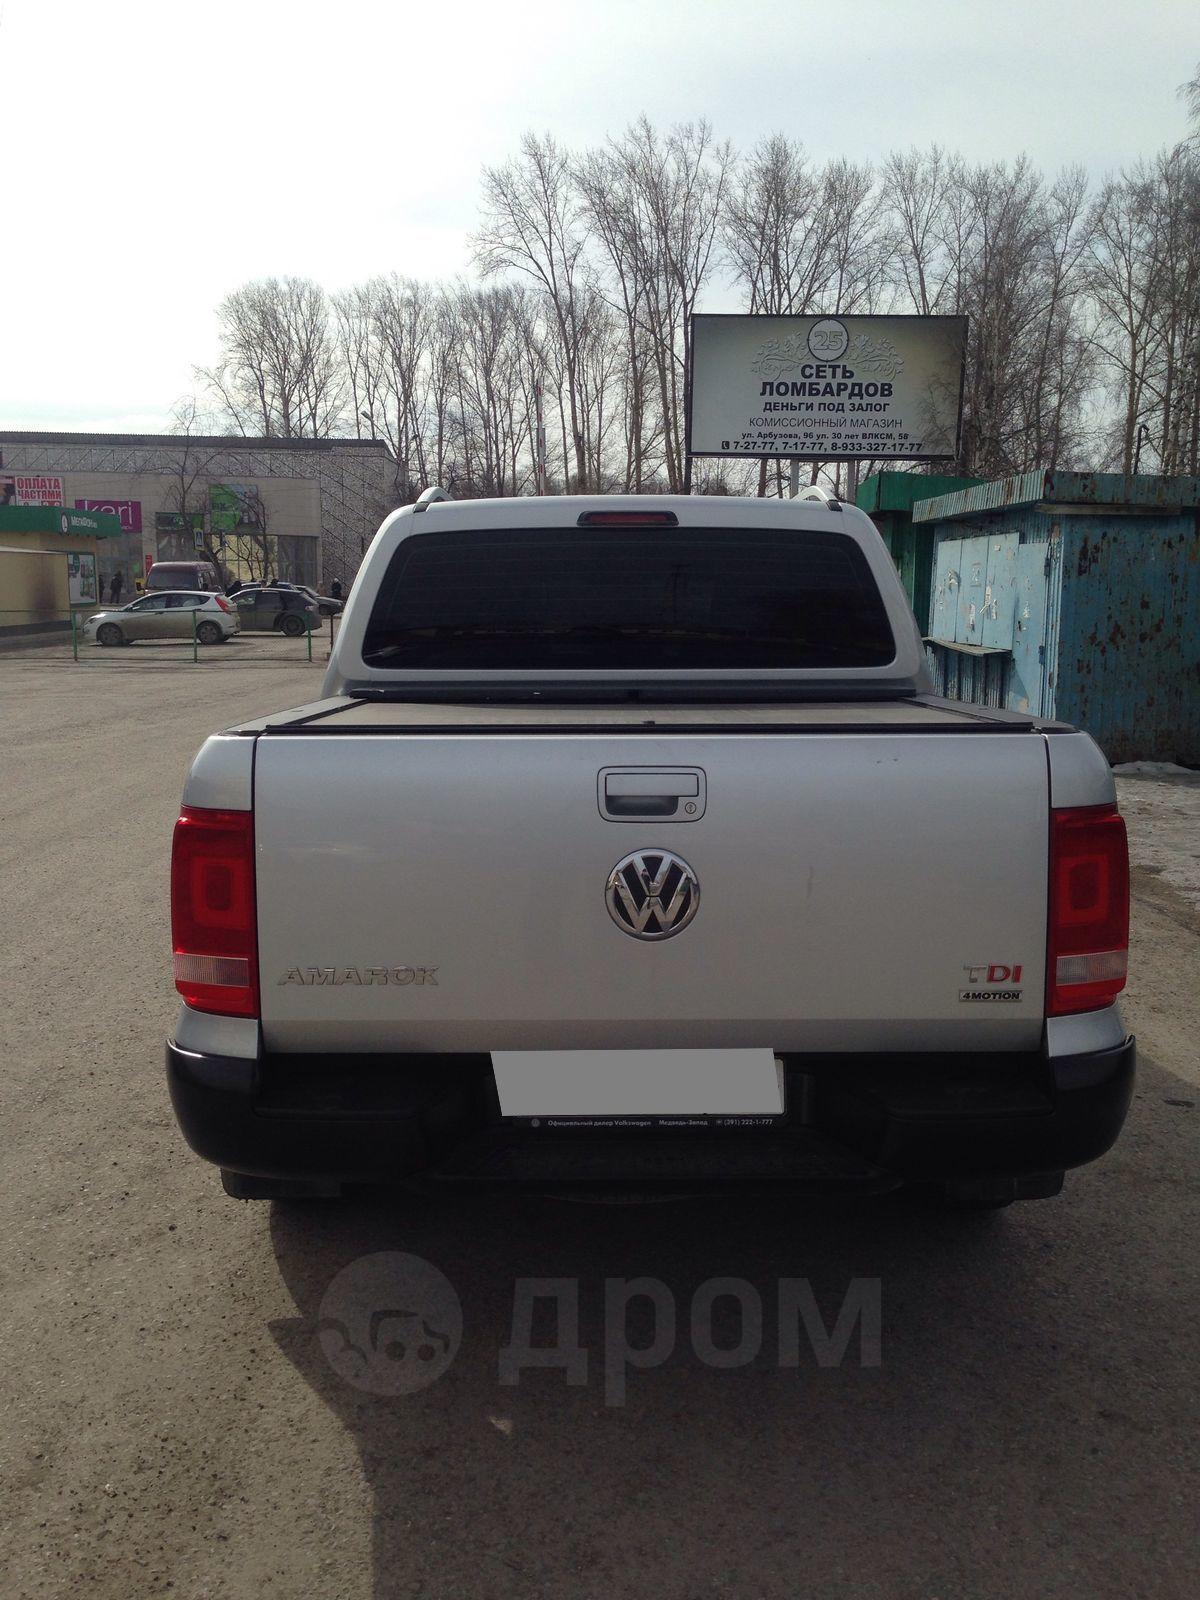 Авто в ломбардах купить красноярск автоломбард как бизнес отзывы владельцев